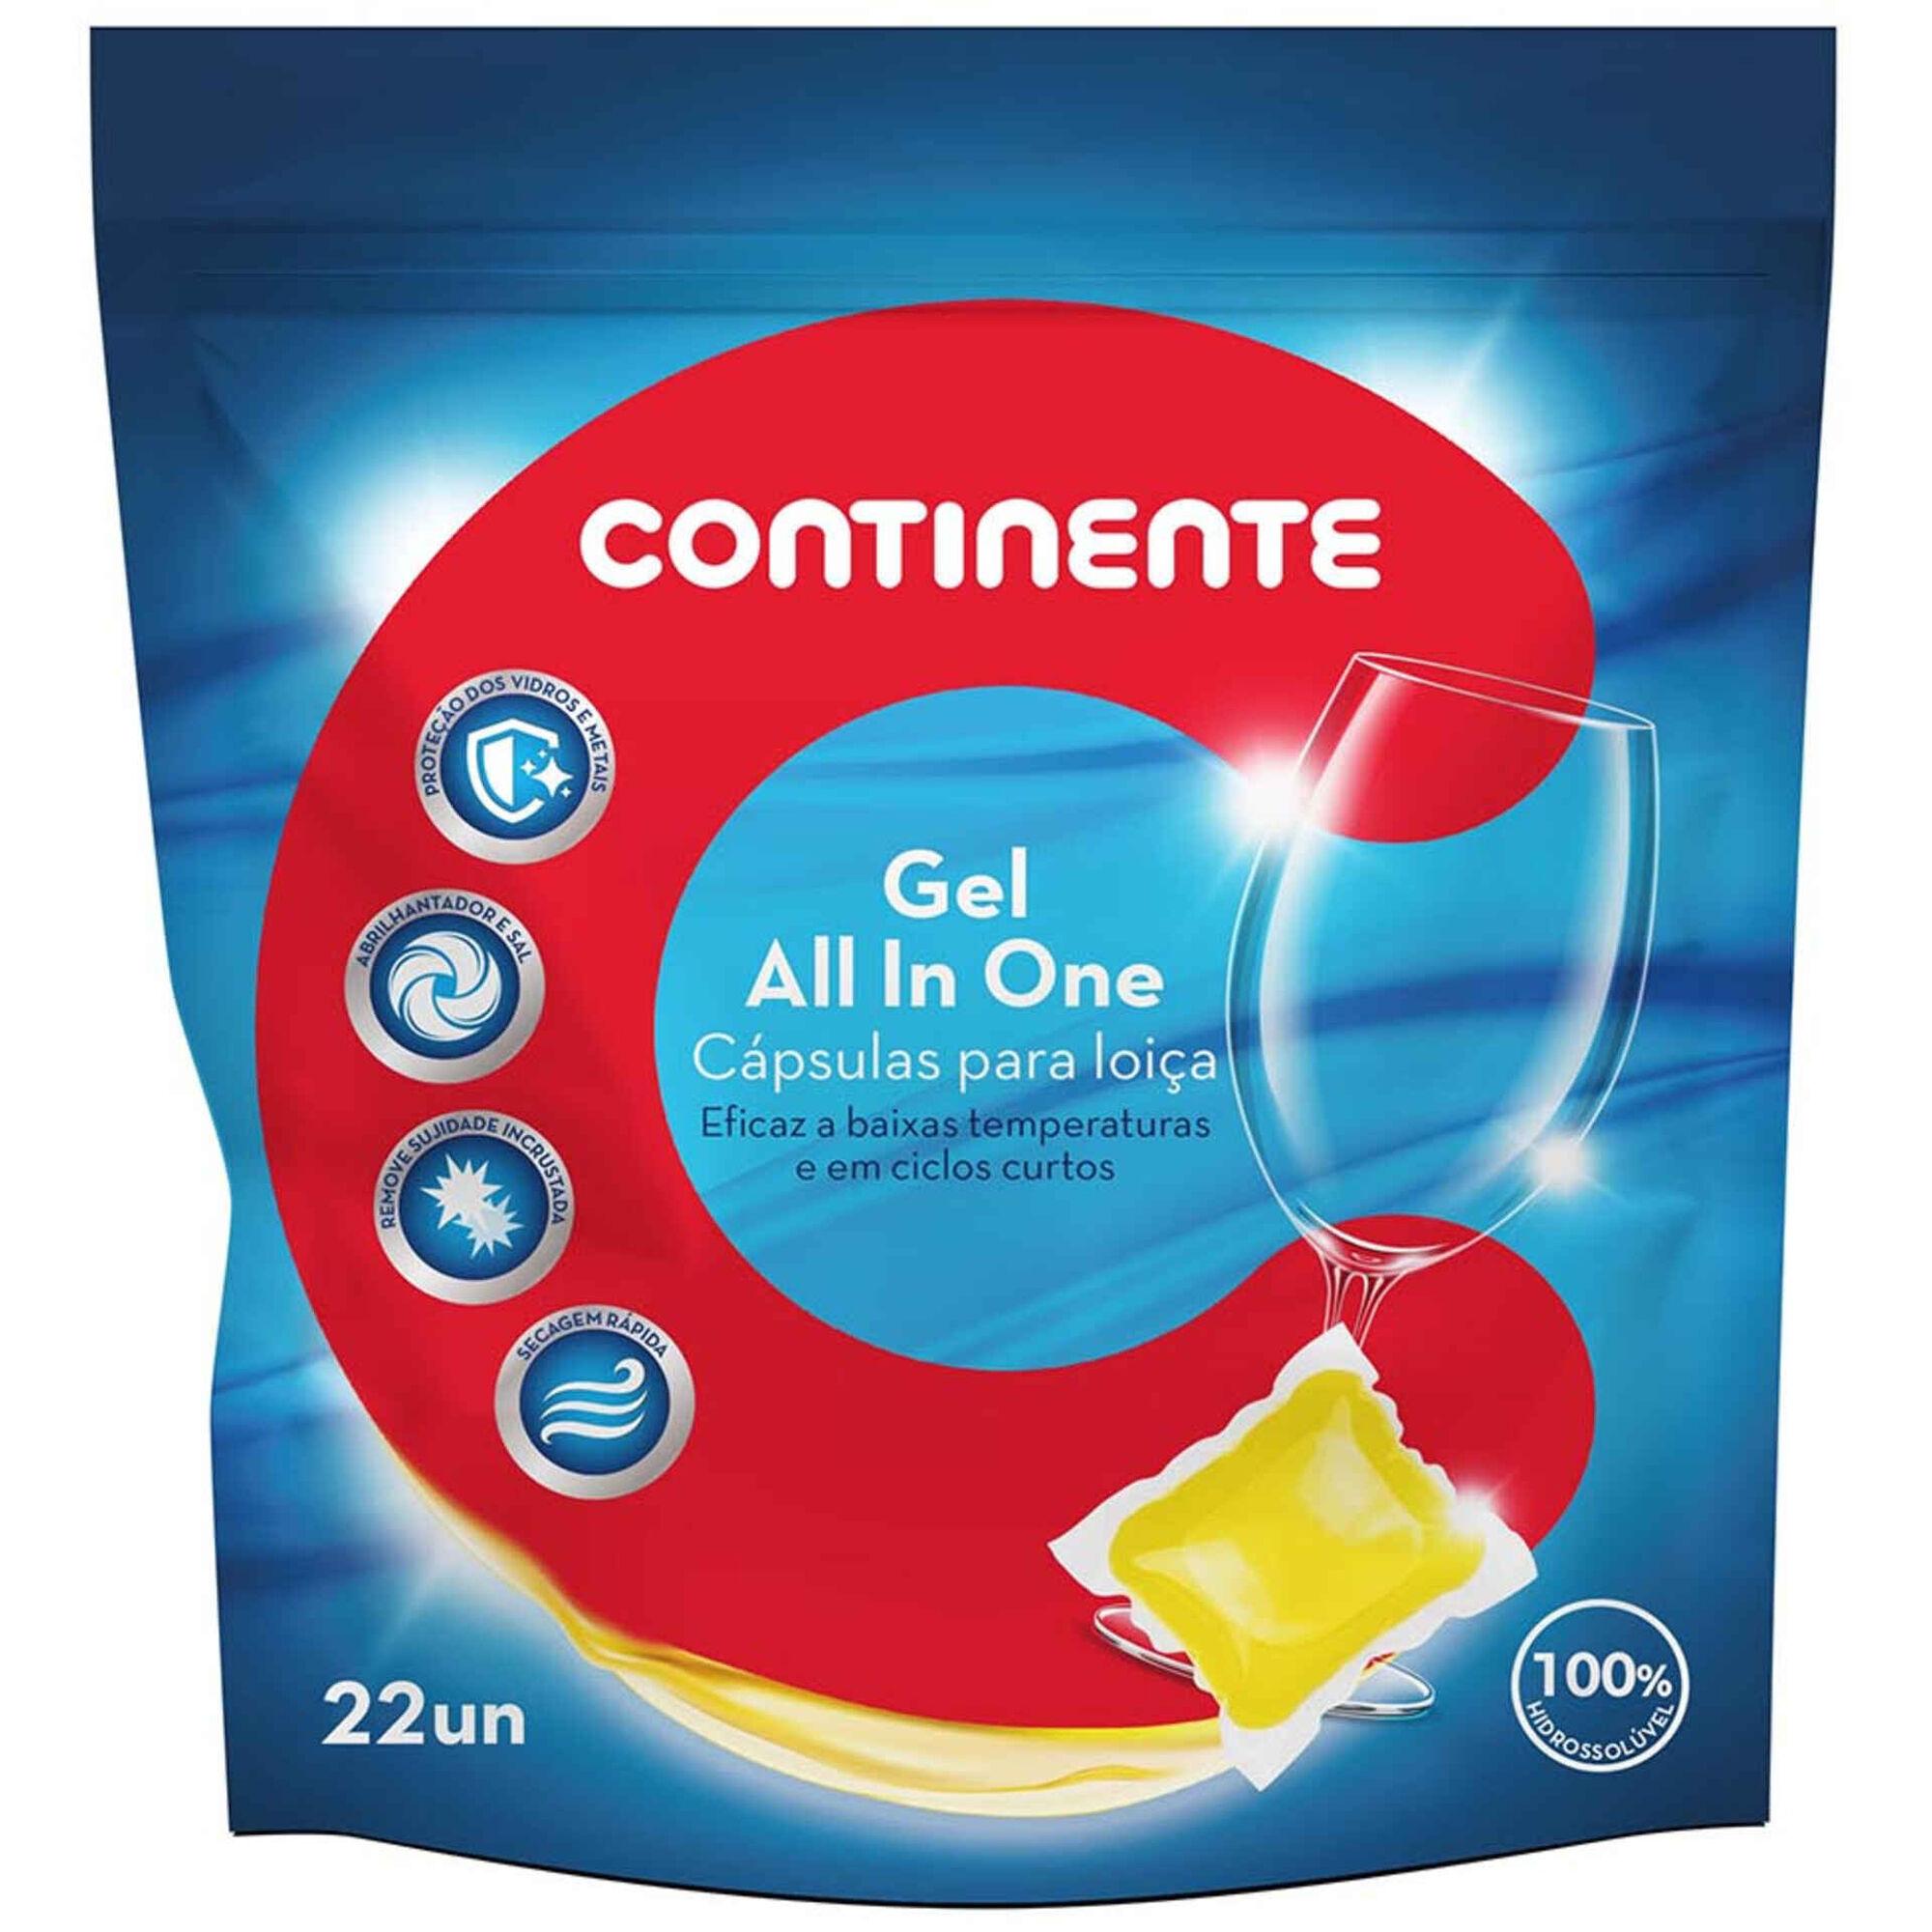 Detergente Máquina Loiça Pastilhas All in One